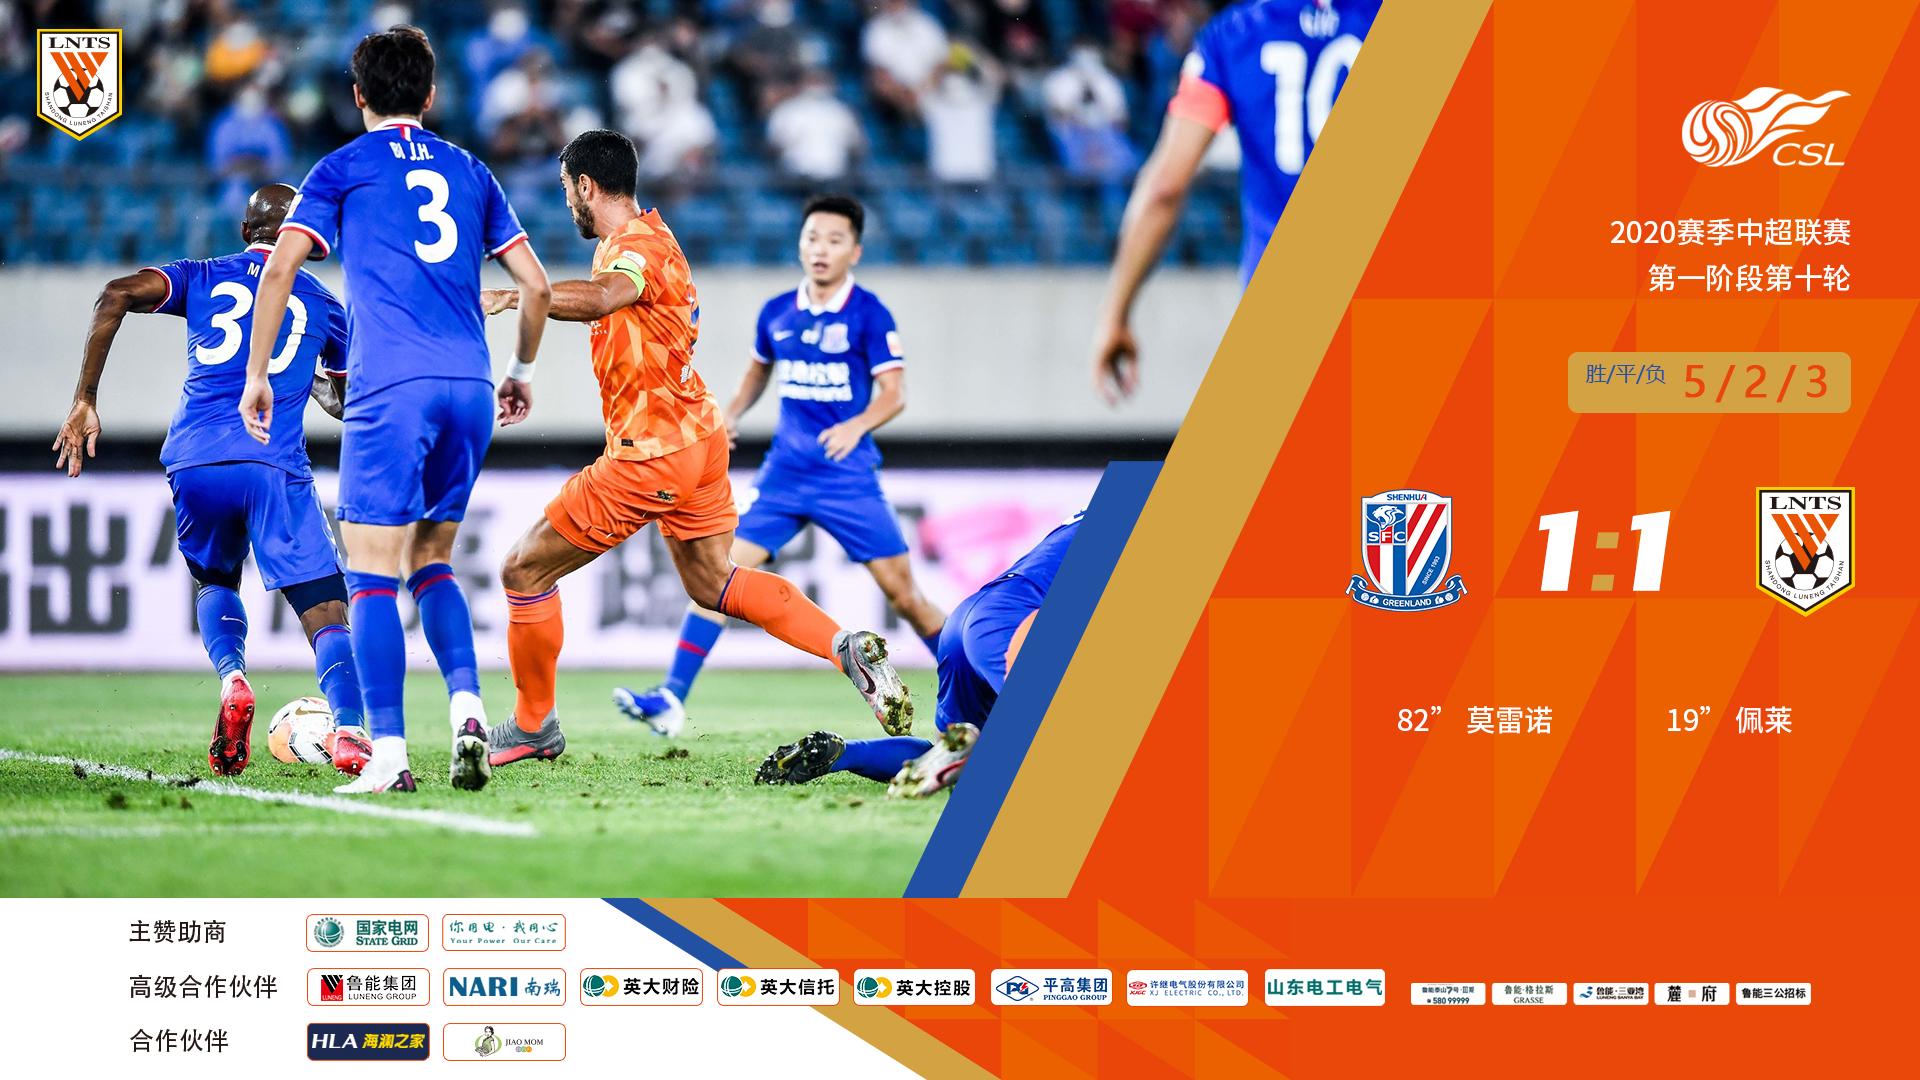 佩莱进球难换胜利 山东鲁能1-1上海申花